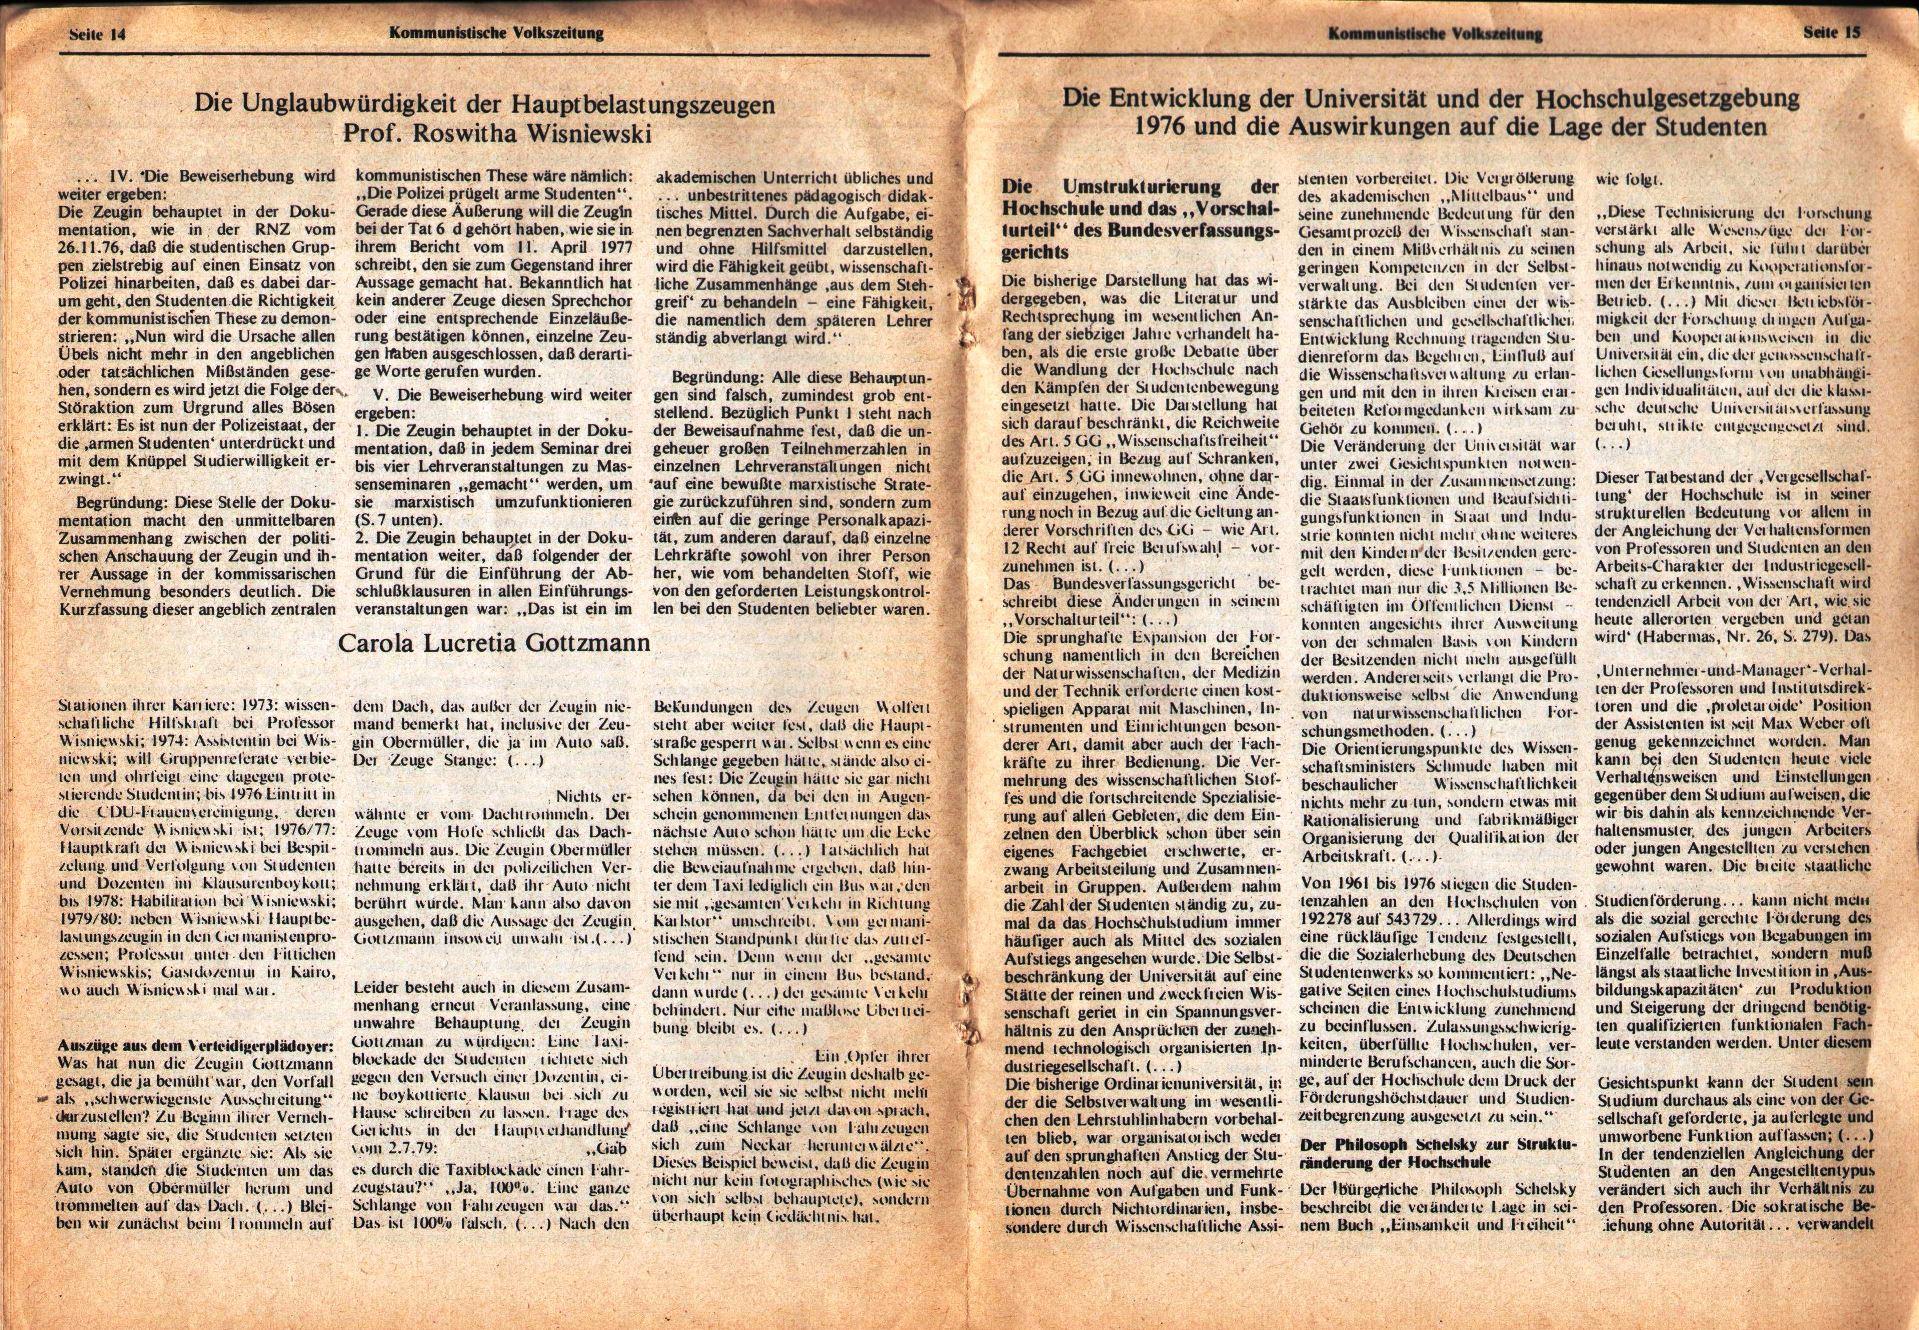 Heidelberg_KHG_1980_Germanistenprozess008